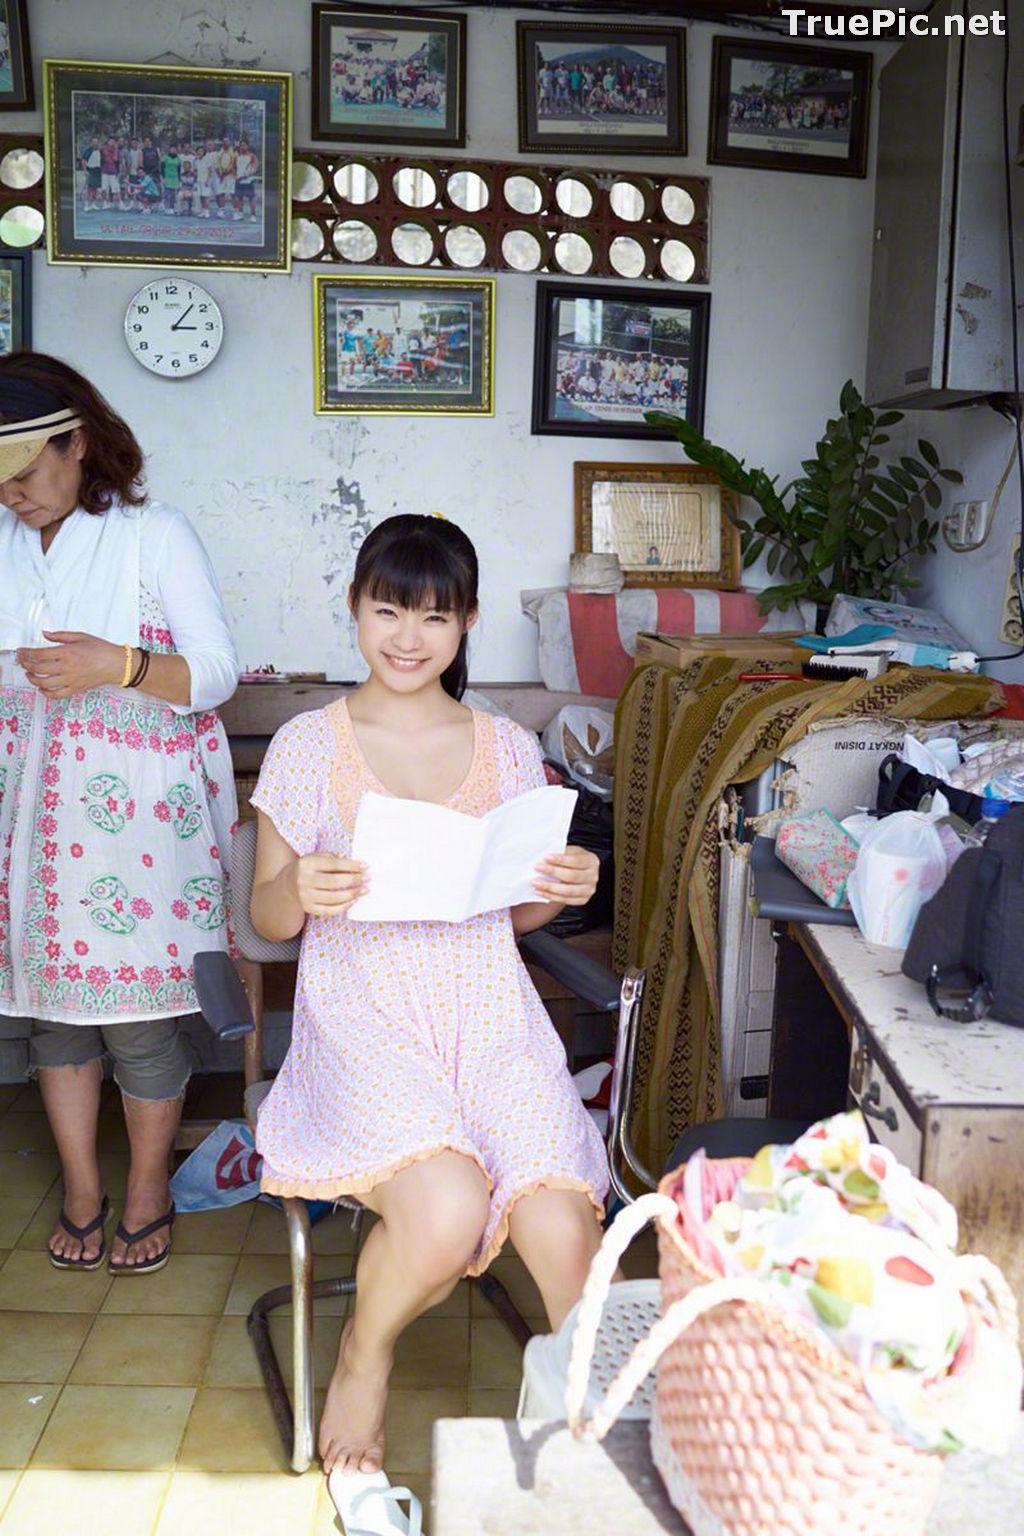 Image Wanibooks NO.121 - Japanese Gravure Idol - Mizuki Hoshina - TruePic.net - Picture-6